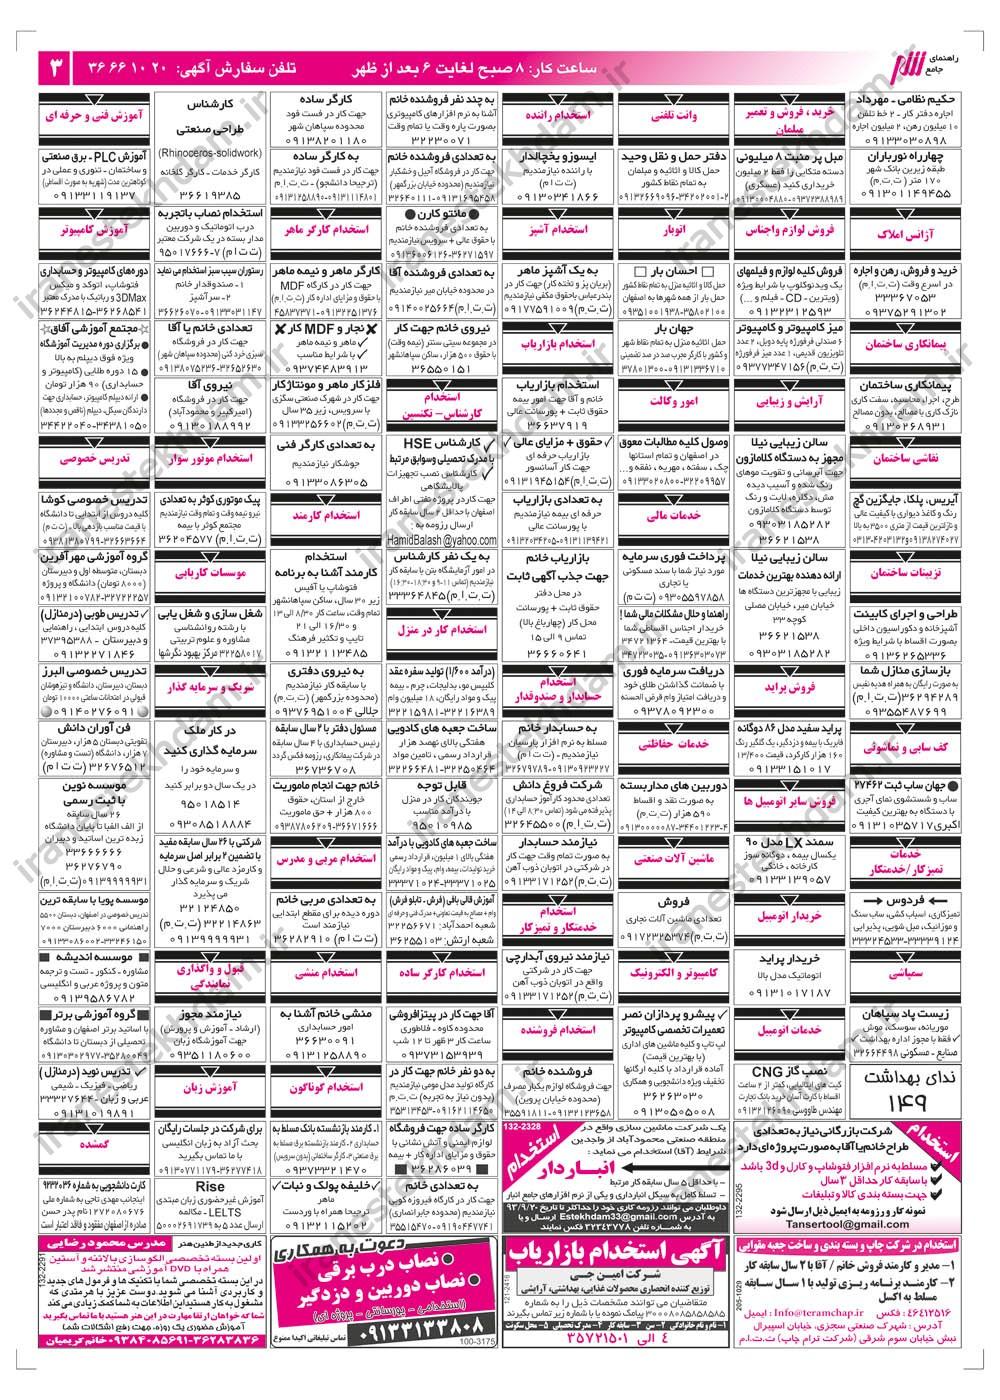 استخدامی راننده پایه یک در  قدسلانبهروز شده آگهی استخدام - دانلود نمونه سوالات استخدامی - مطالب آذر 1393